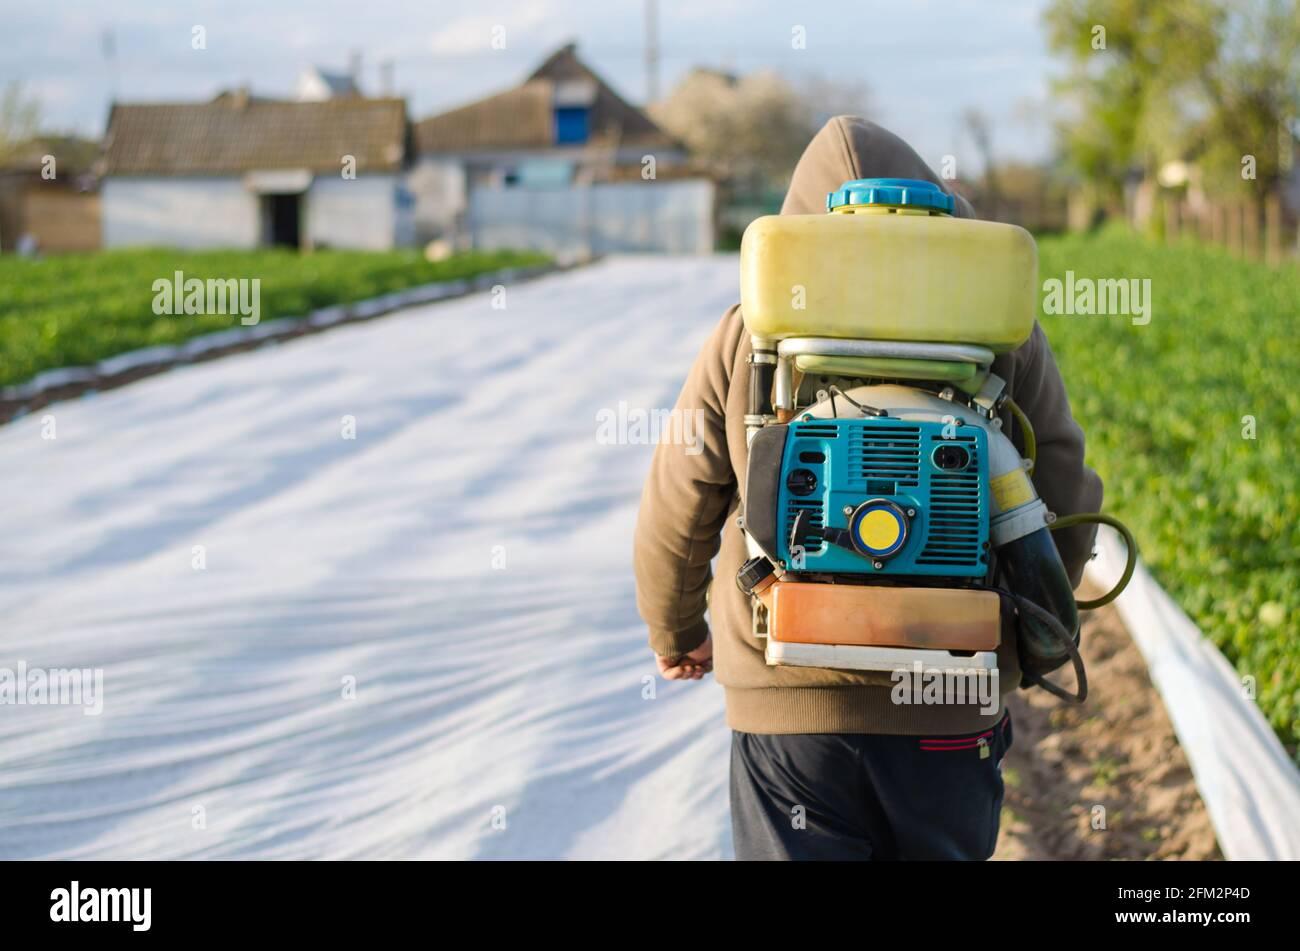 Un granjero con un rociador de niebla en su espalda camina a través del campo de la granja. Protección de plantas cultivadas contra insectos e infecciones fúngicas. El uso de Foto de stock